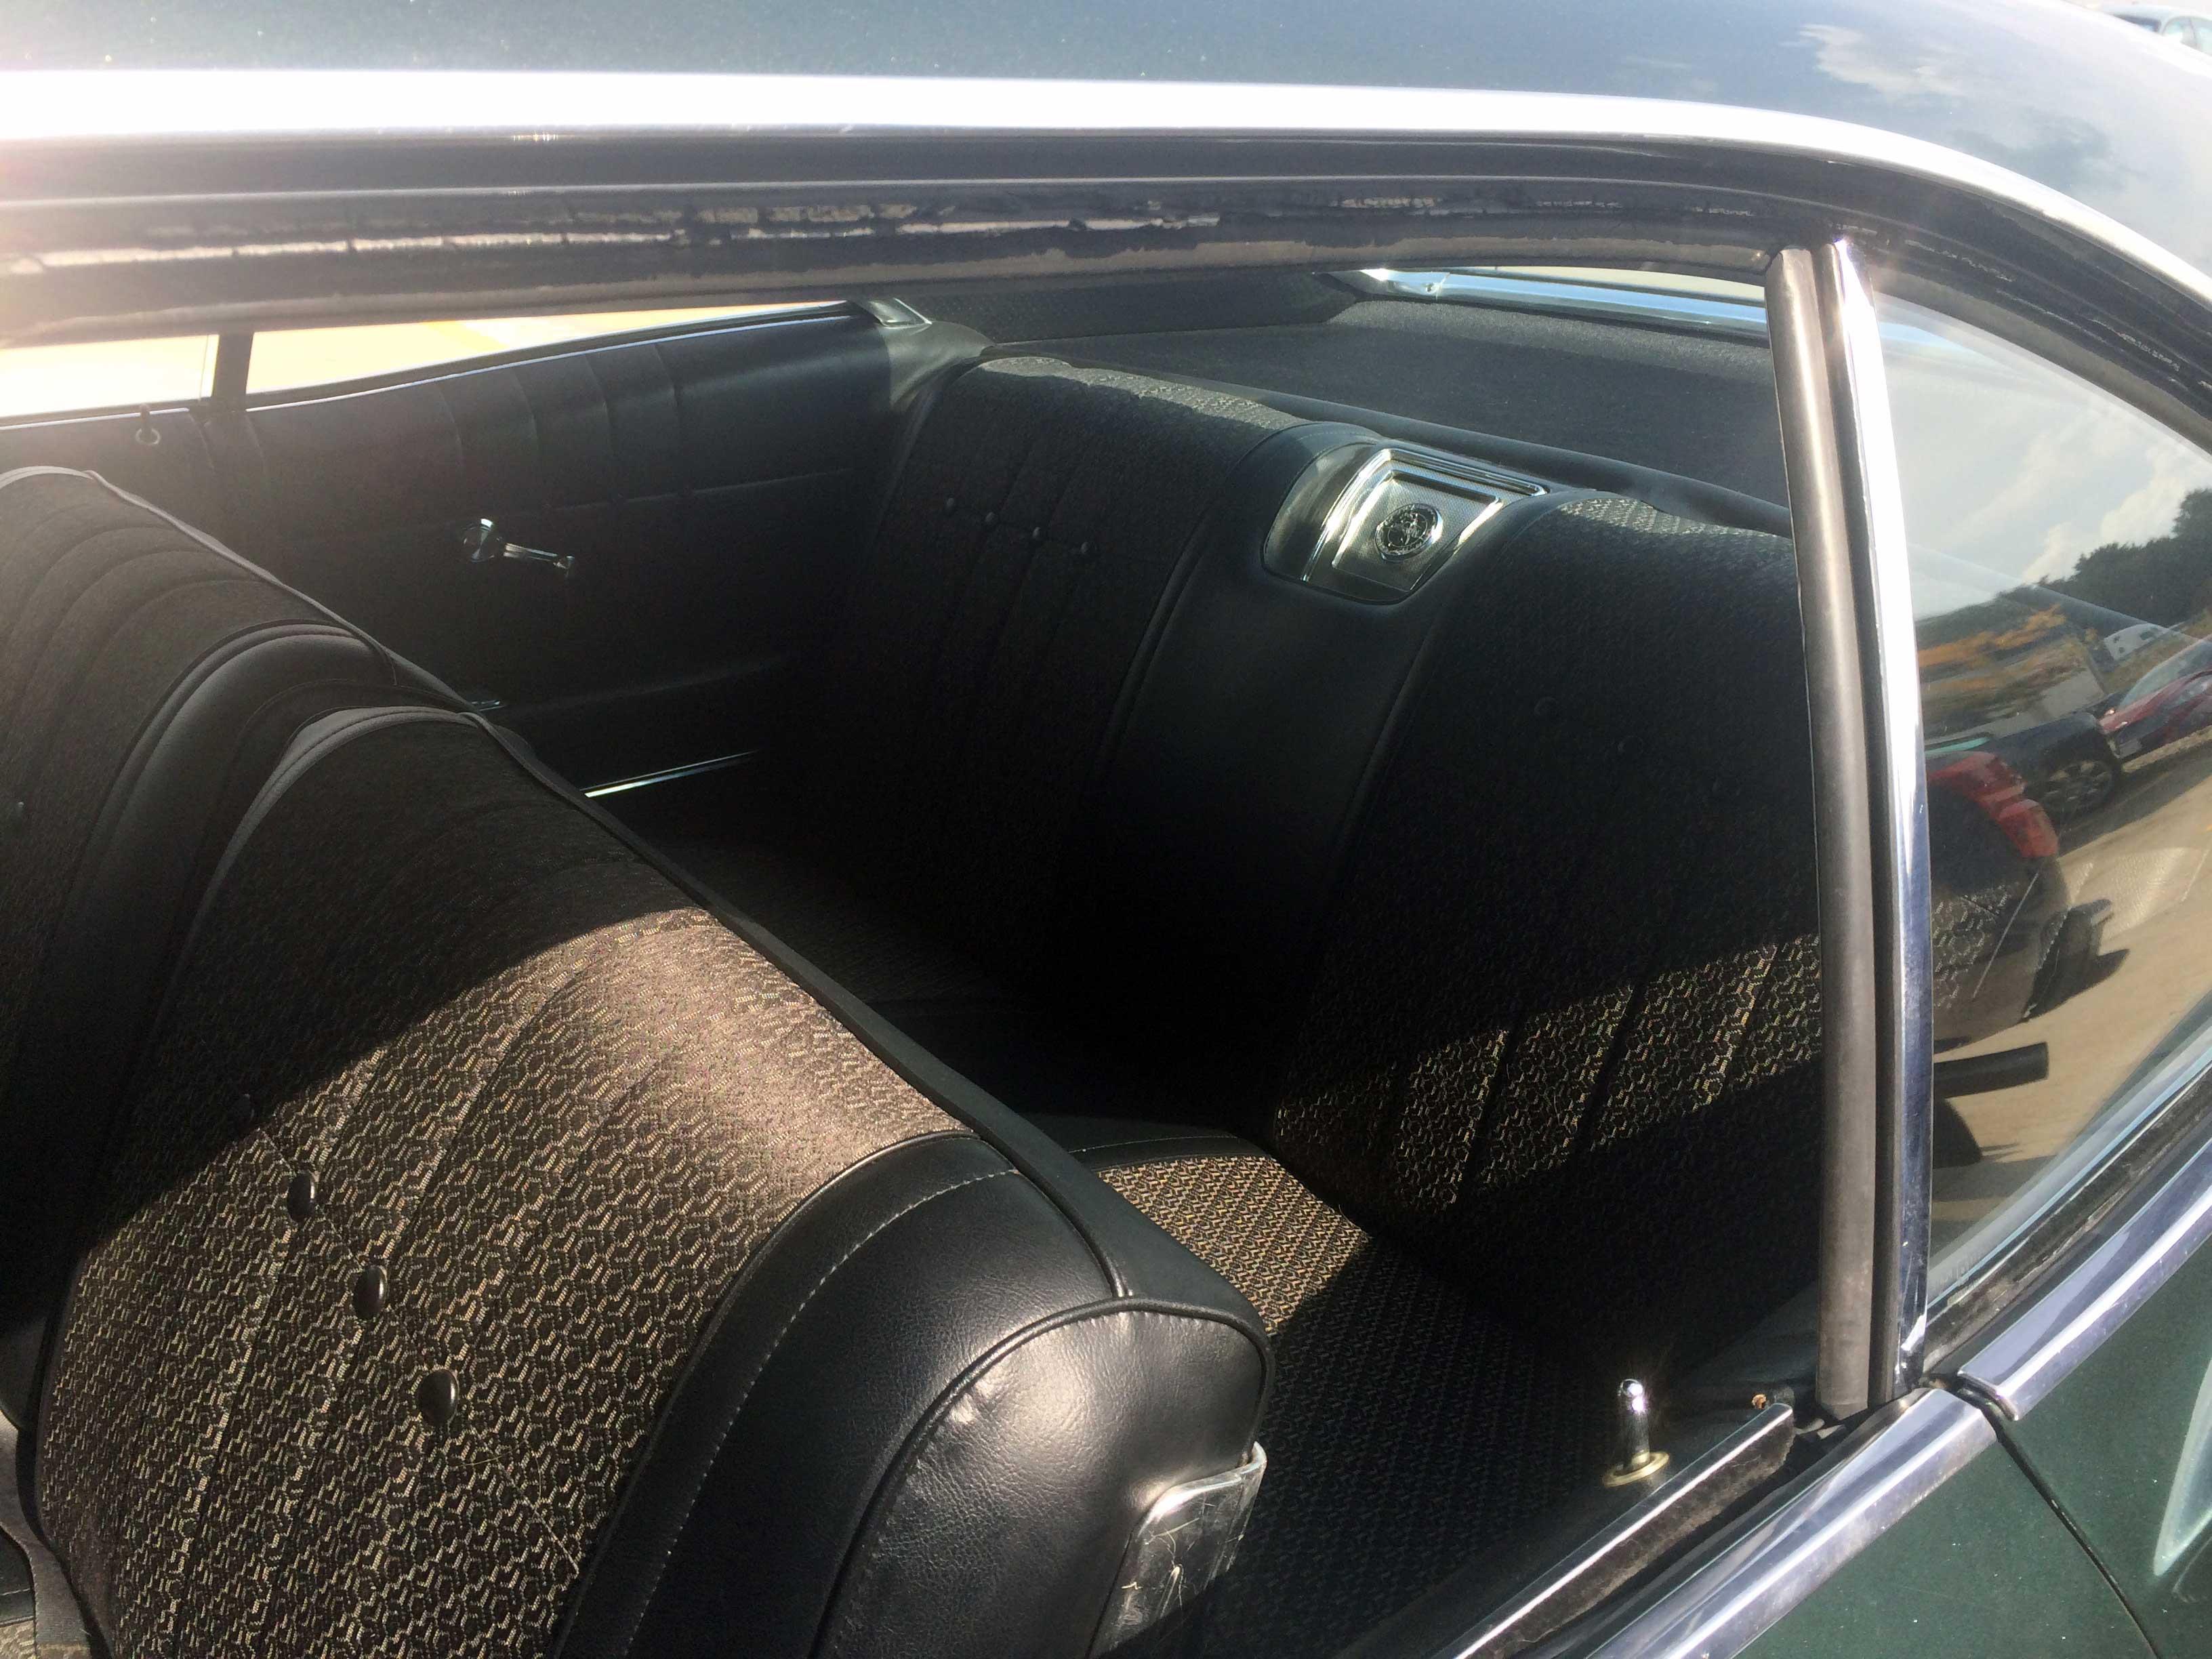 1965-Chevy-Impala-Rear-Seat